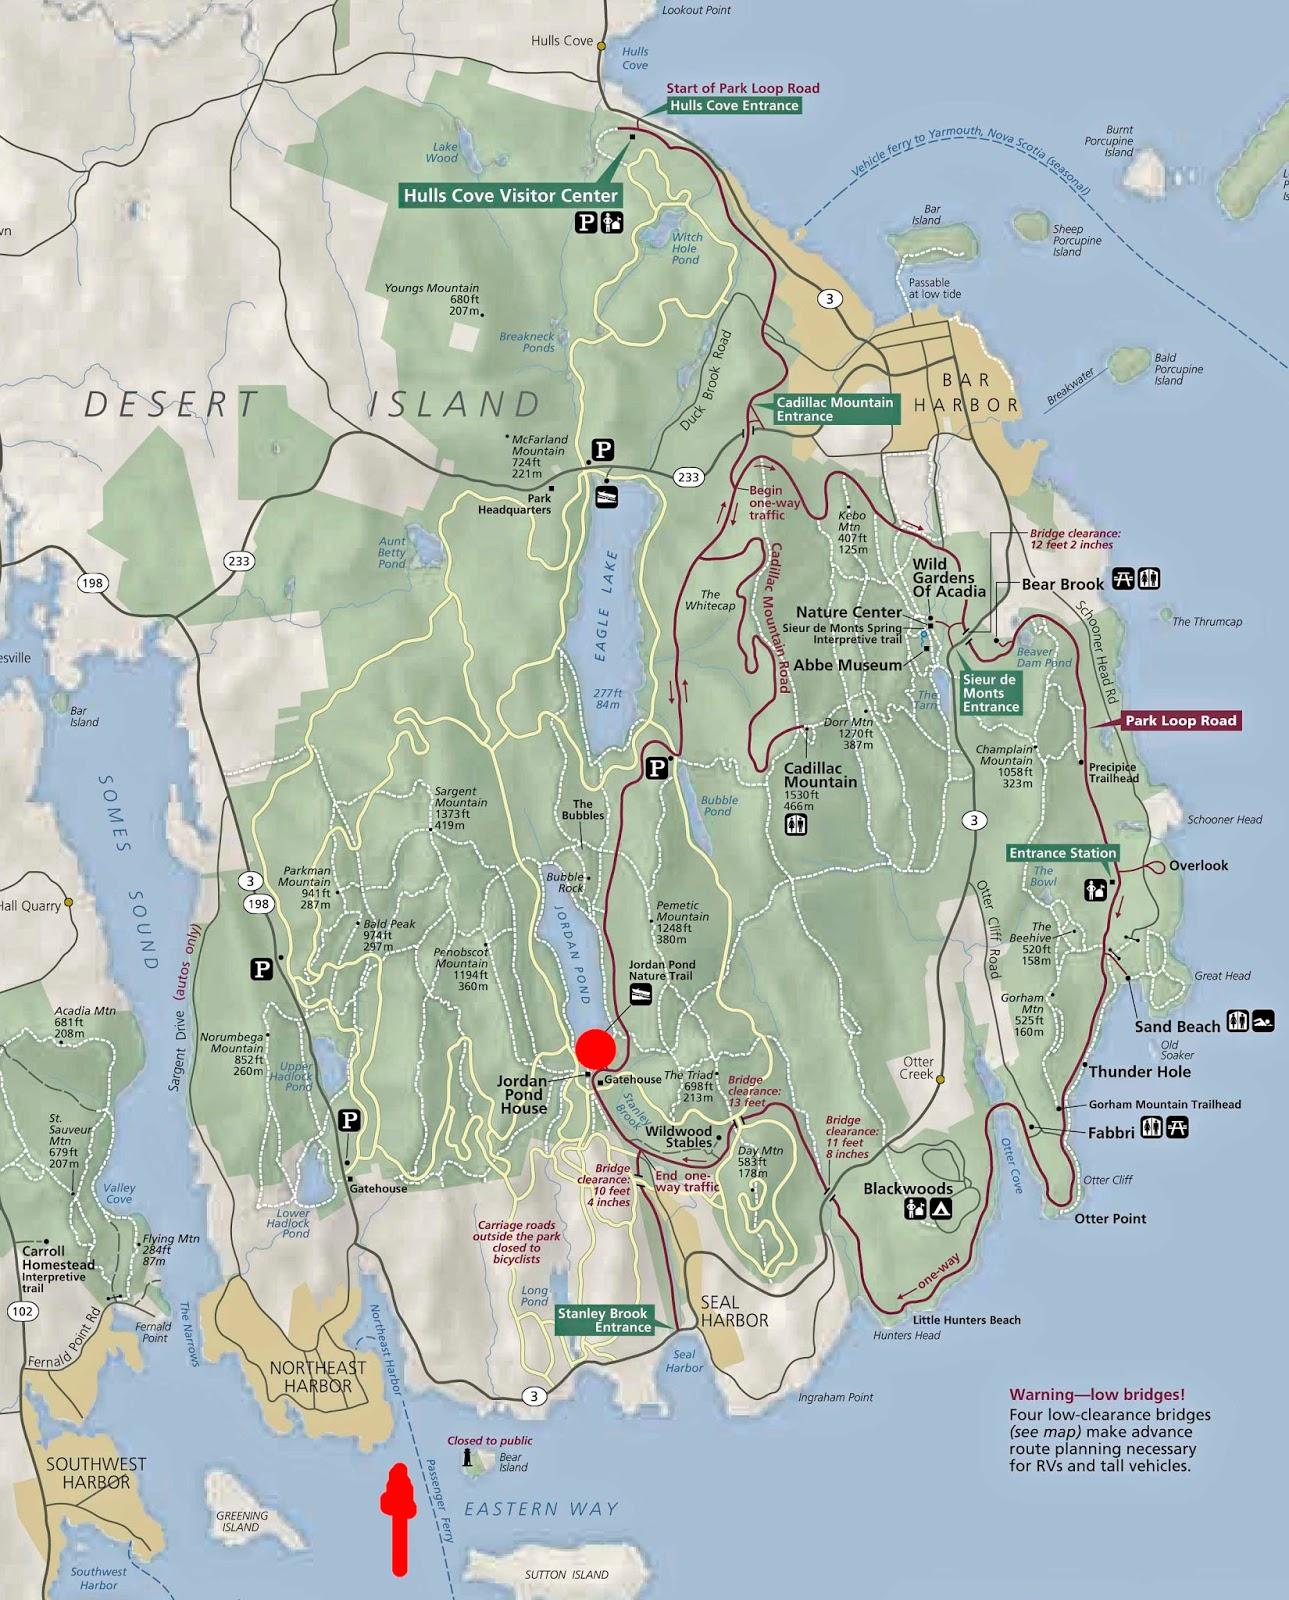 Northeast Harbor Maine Map.Great Loop Two Last Dance Maine Mount Desert Island Northeast